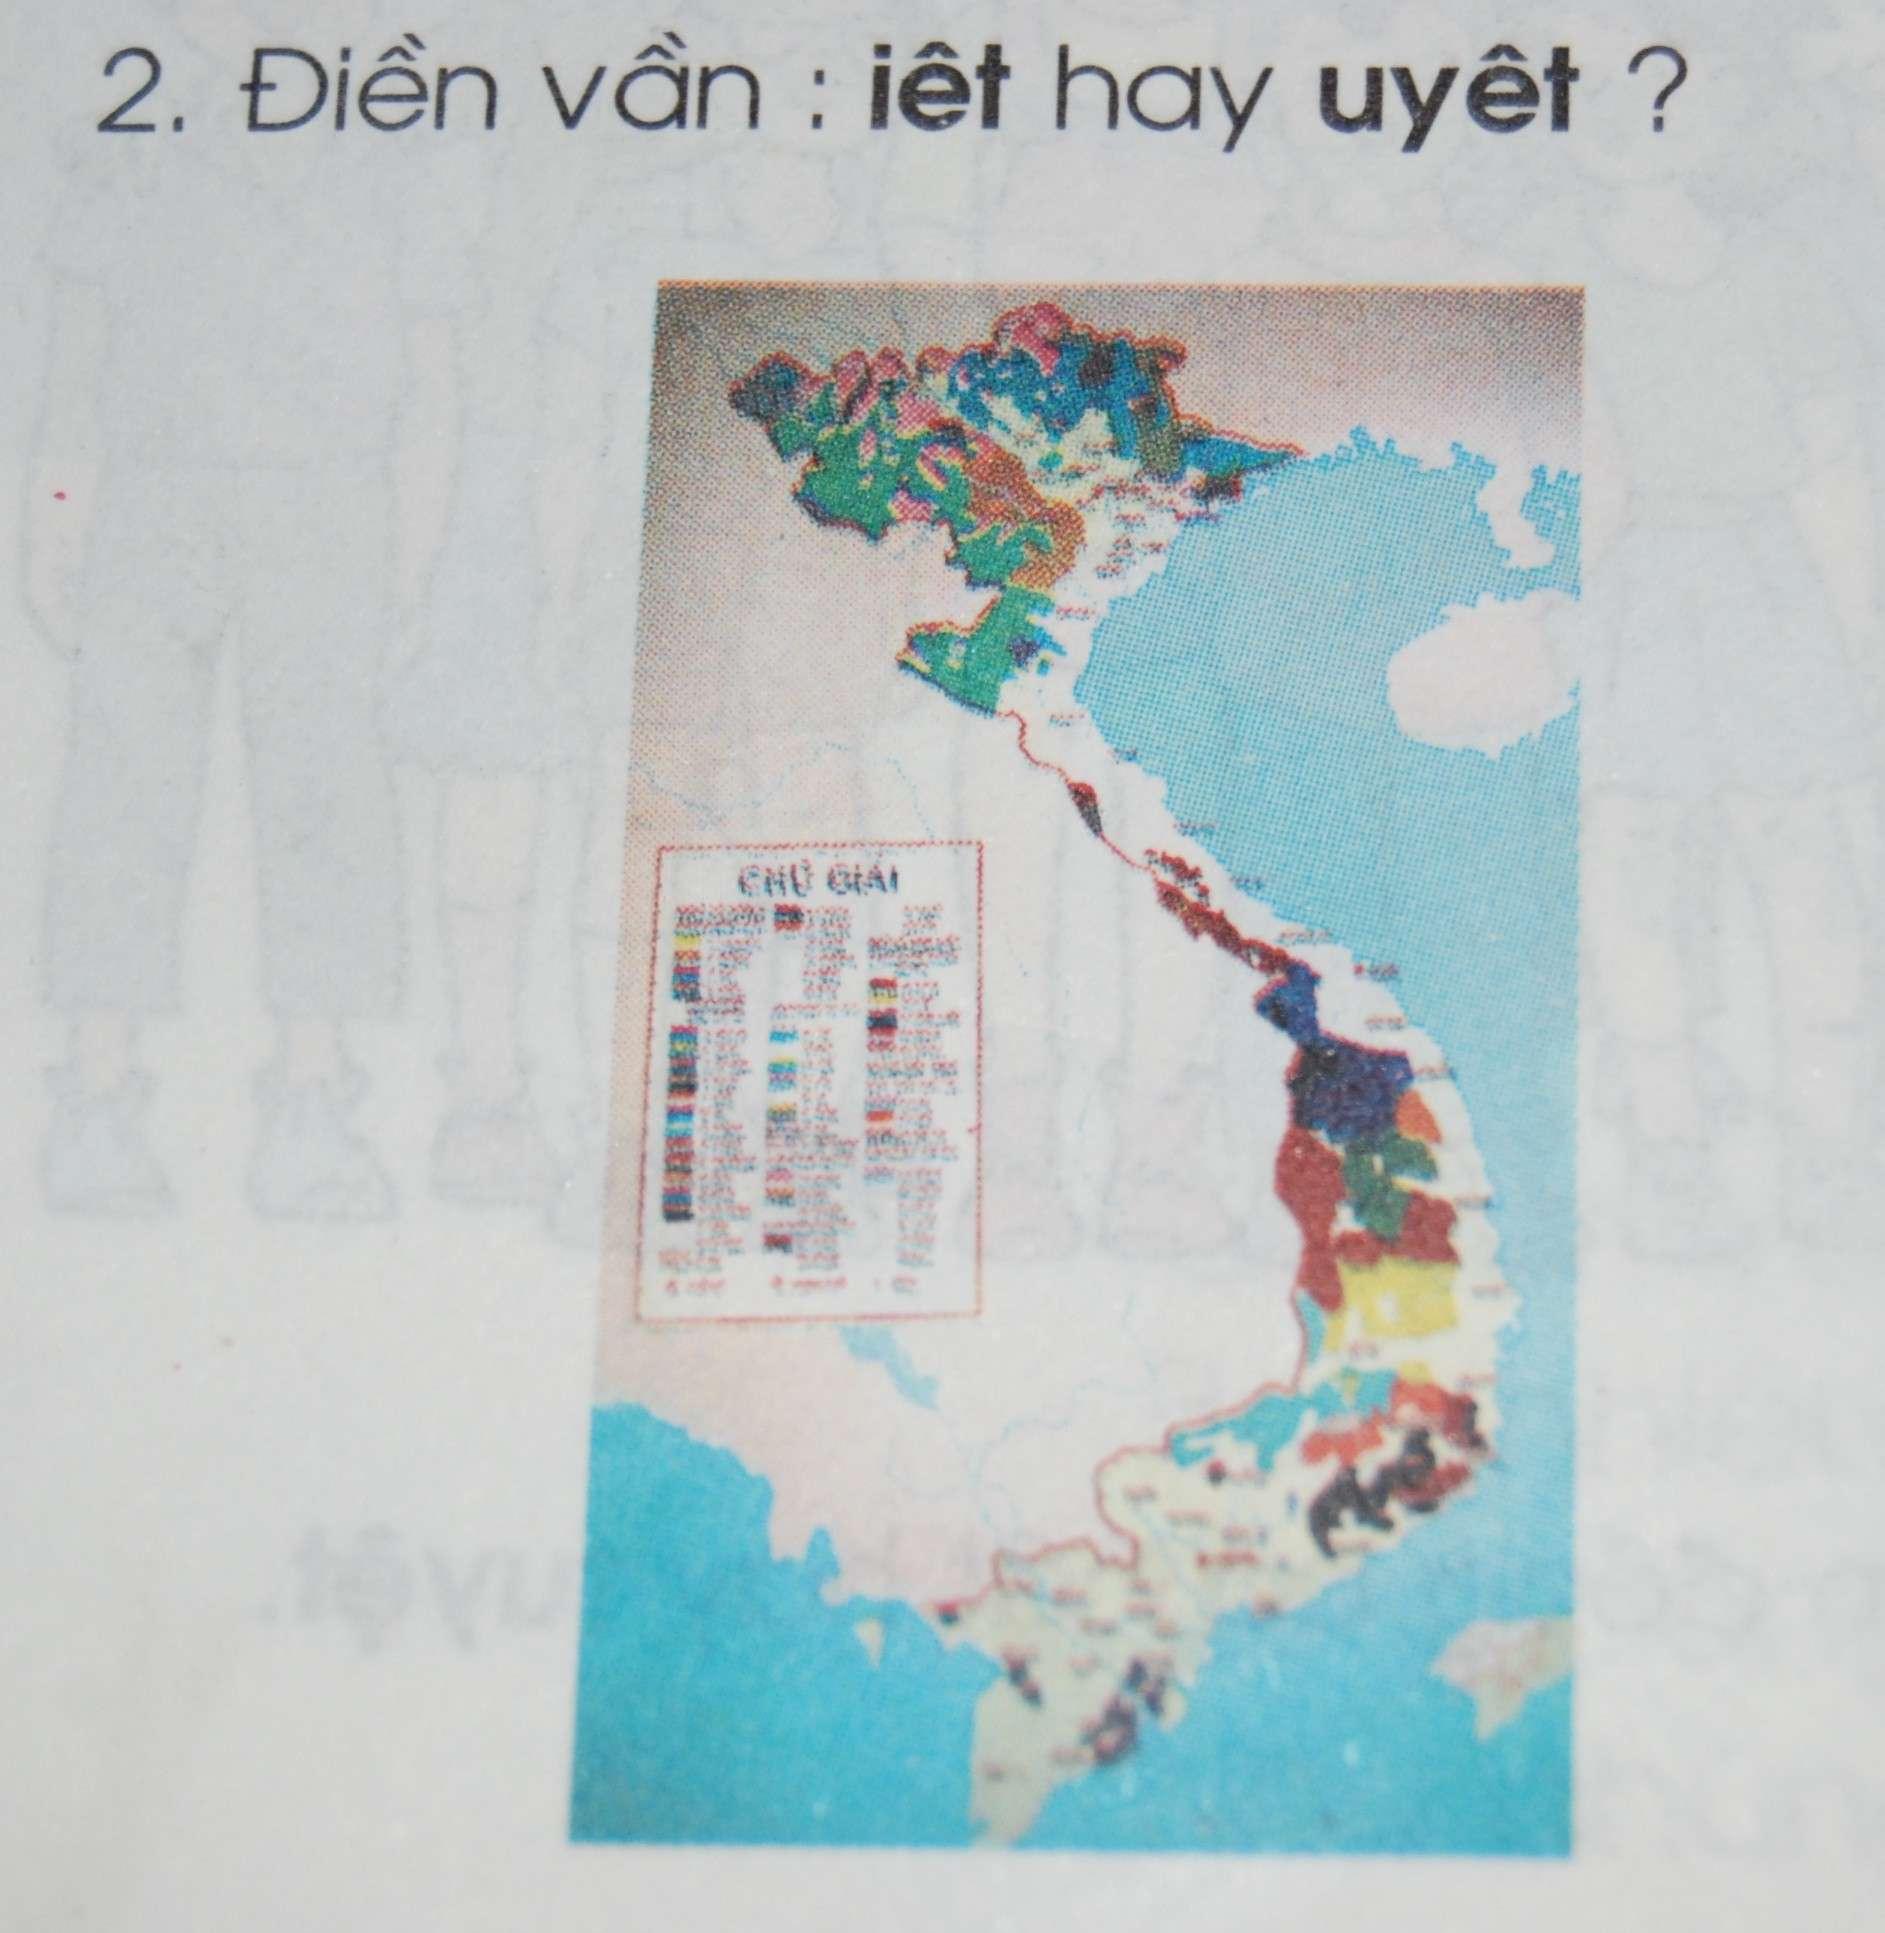 Sao cổng trường cắm cờ Trung Quốc? Ban-do10